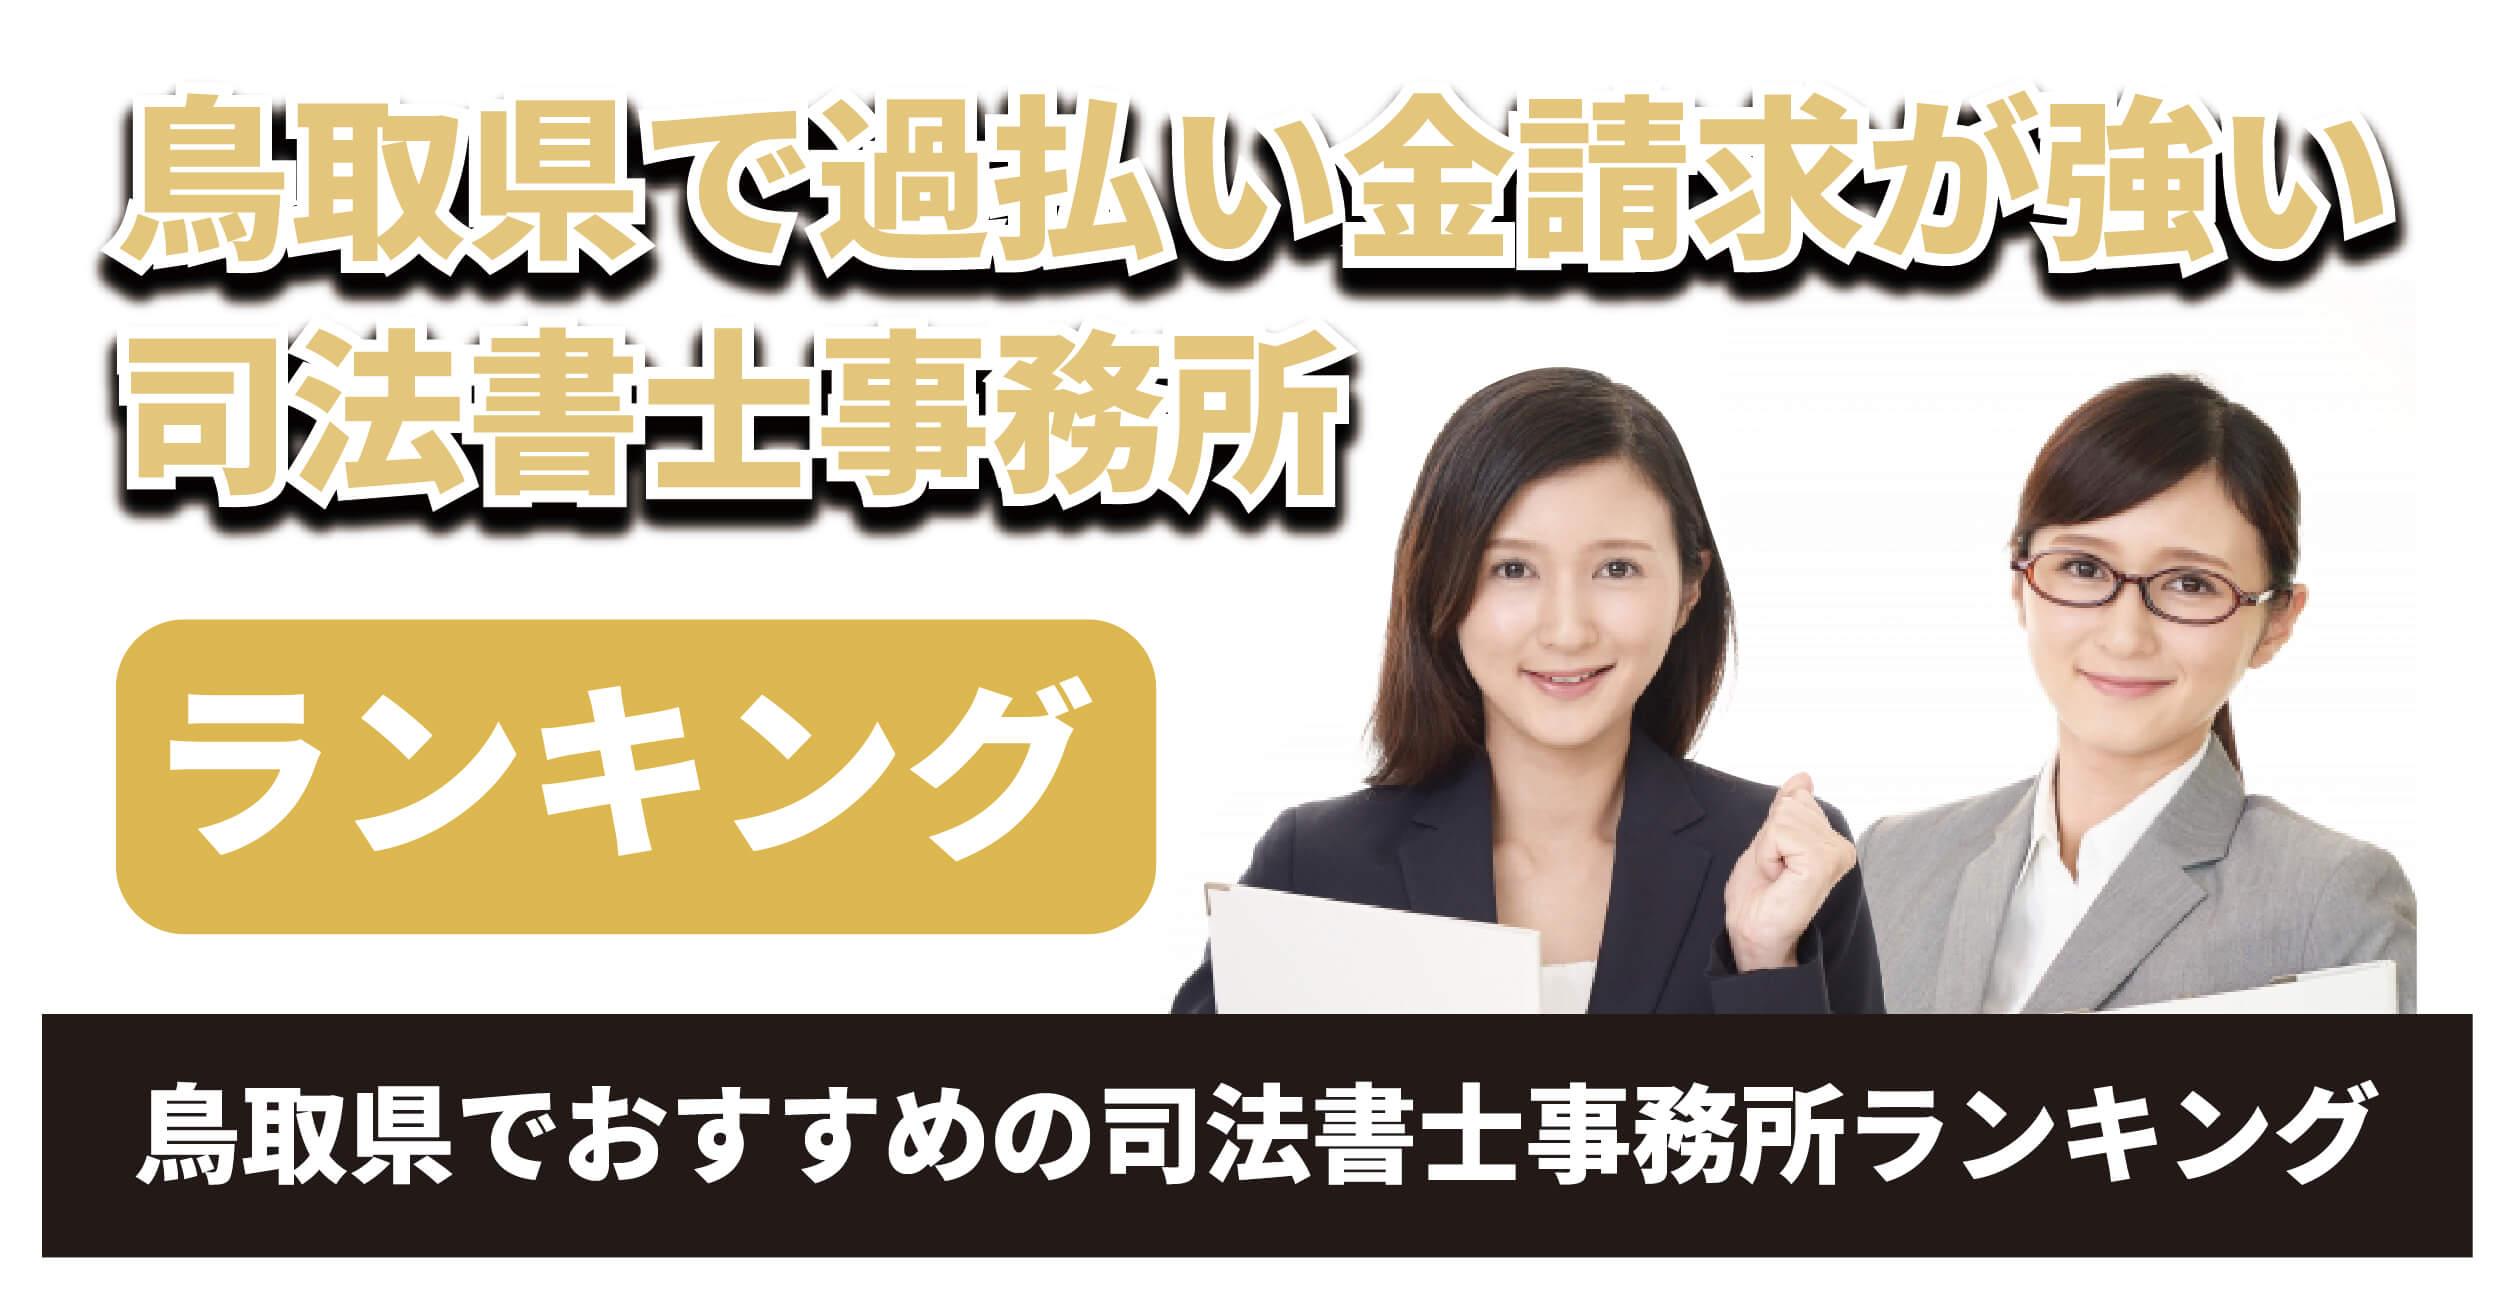 鳥取県で過払い金請求が強い司法書士は?